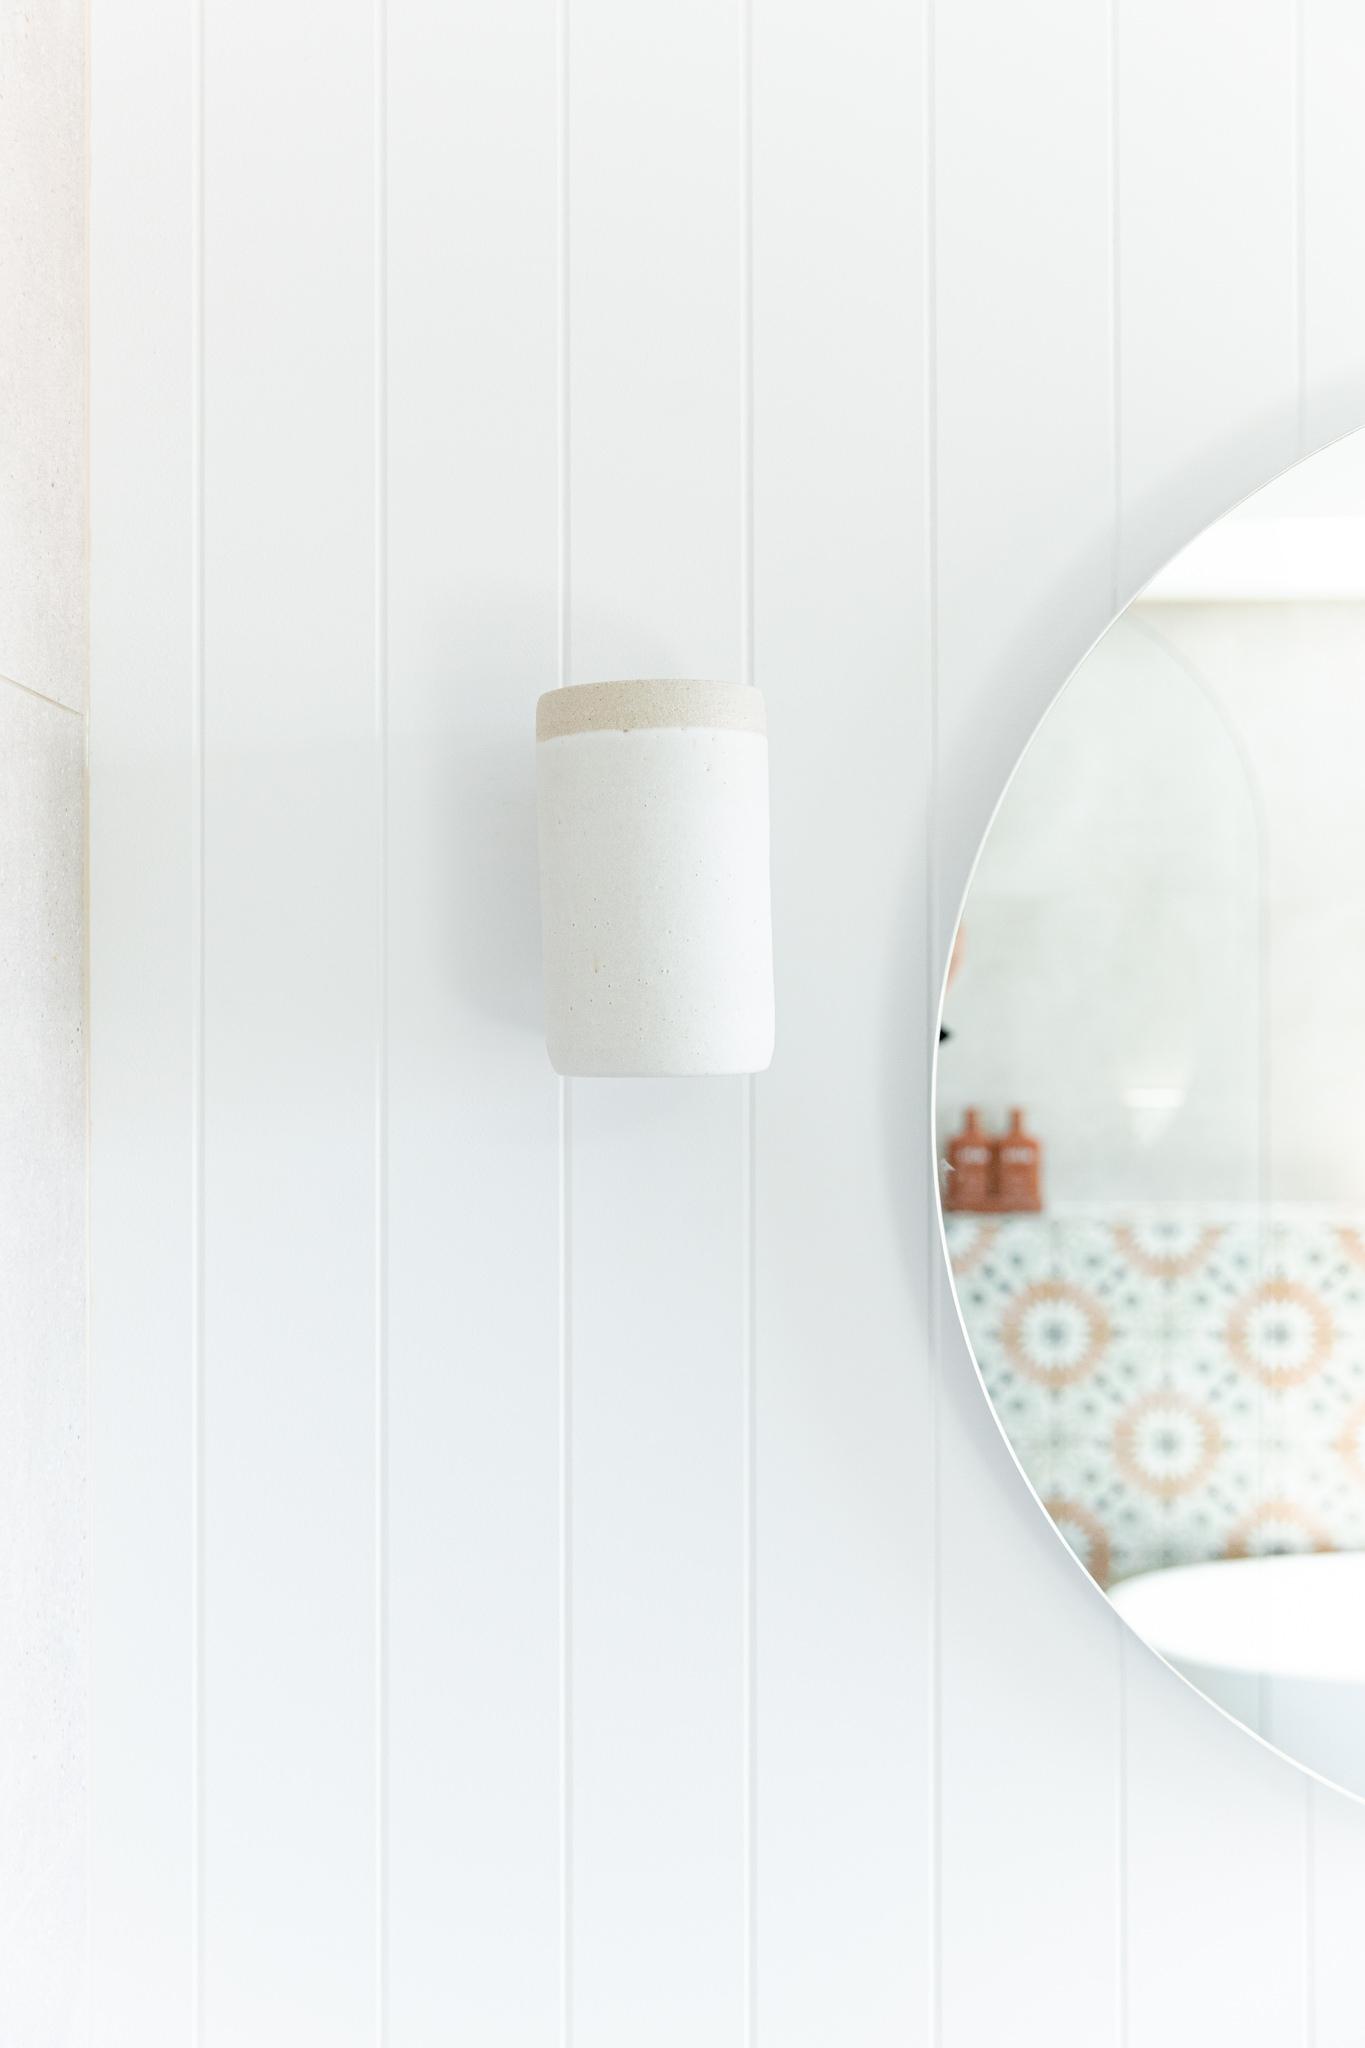 Bone + Blanc Bathroom Renovation - Wall Light